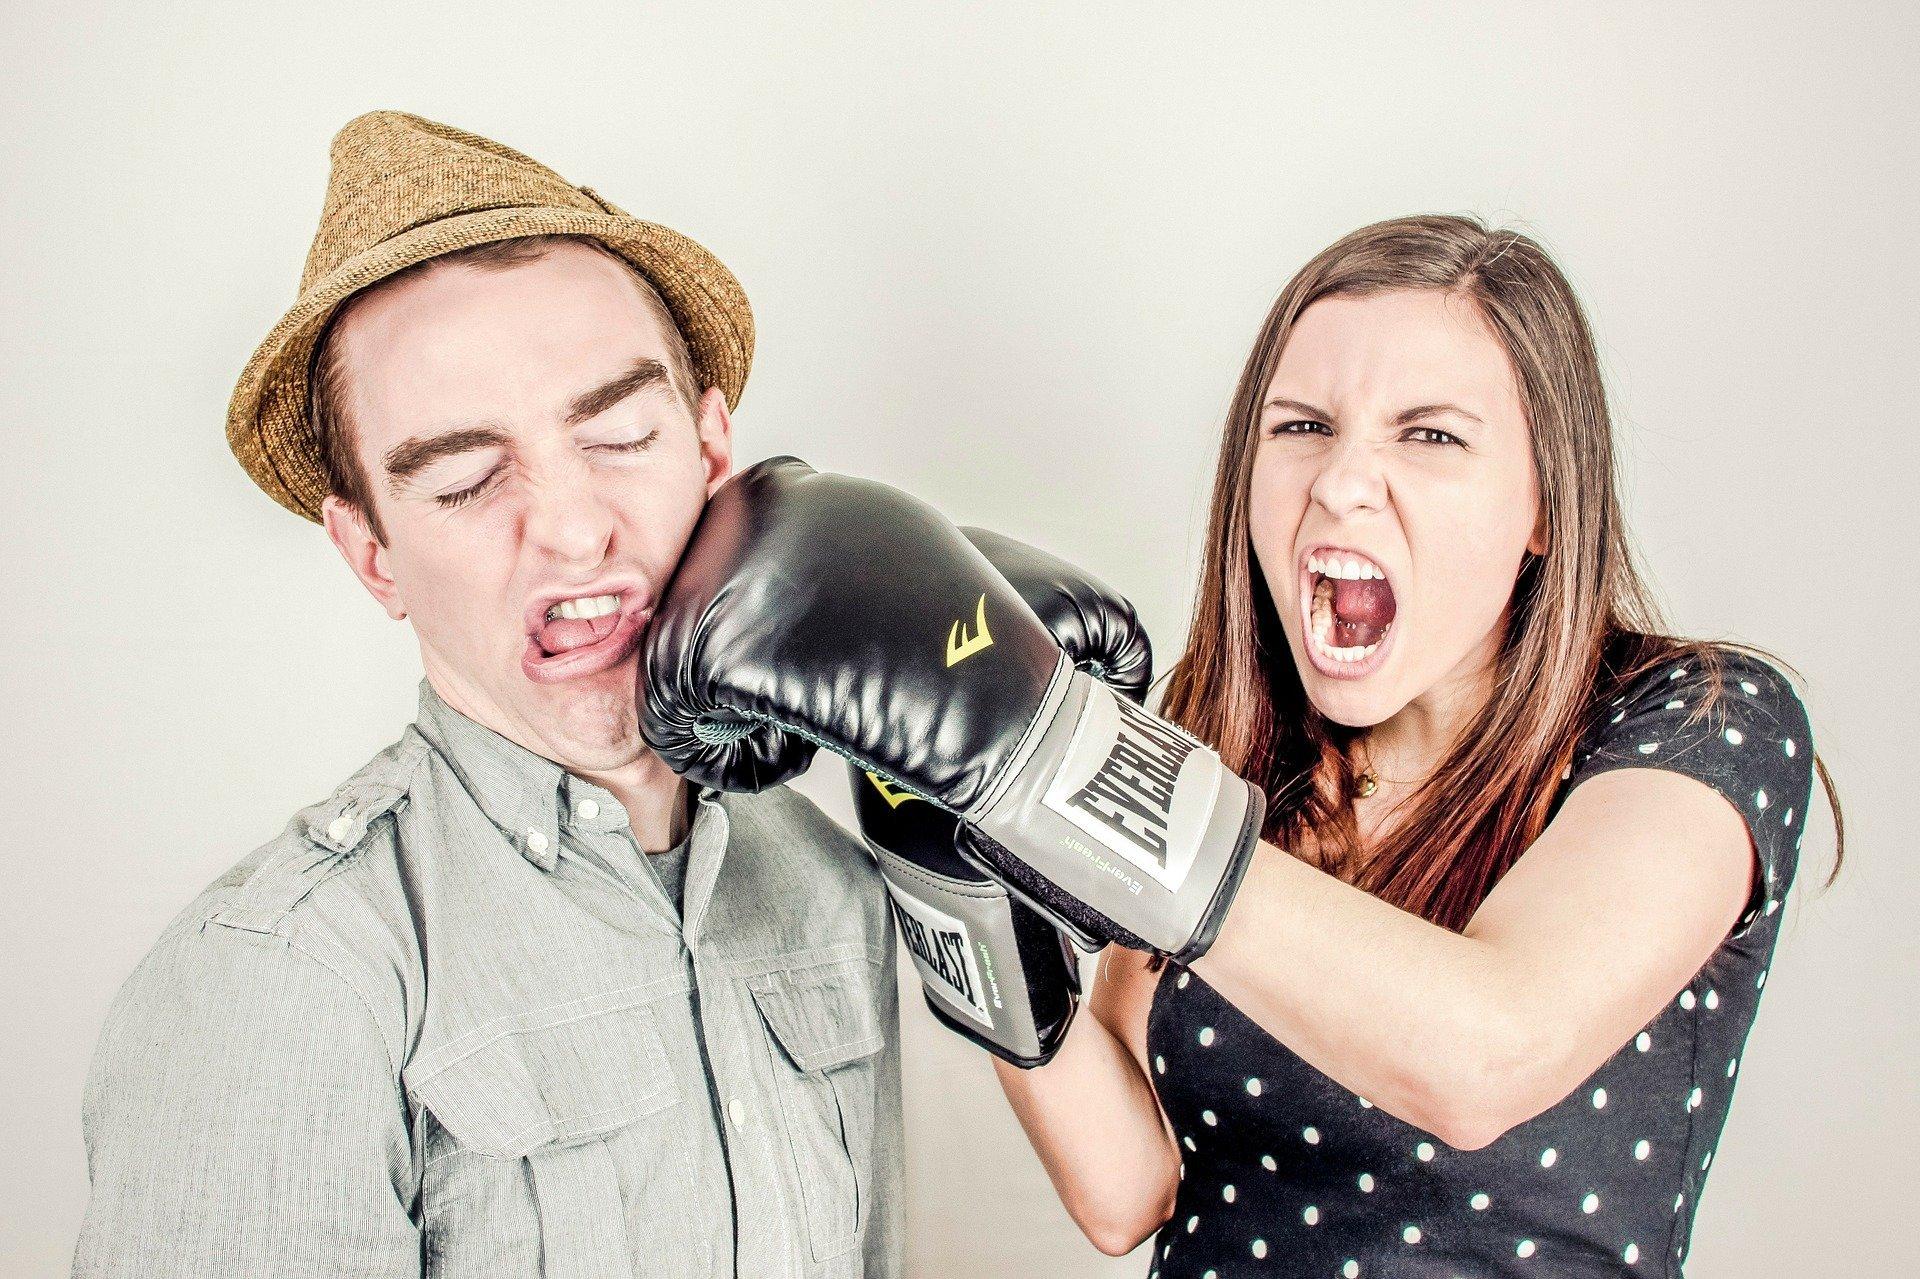 Eifersucht in einer offenen Beziehung